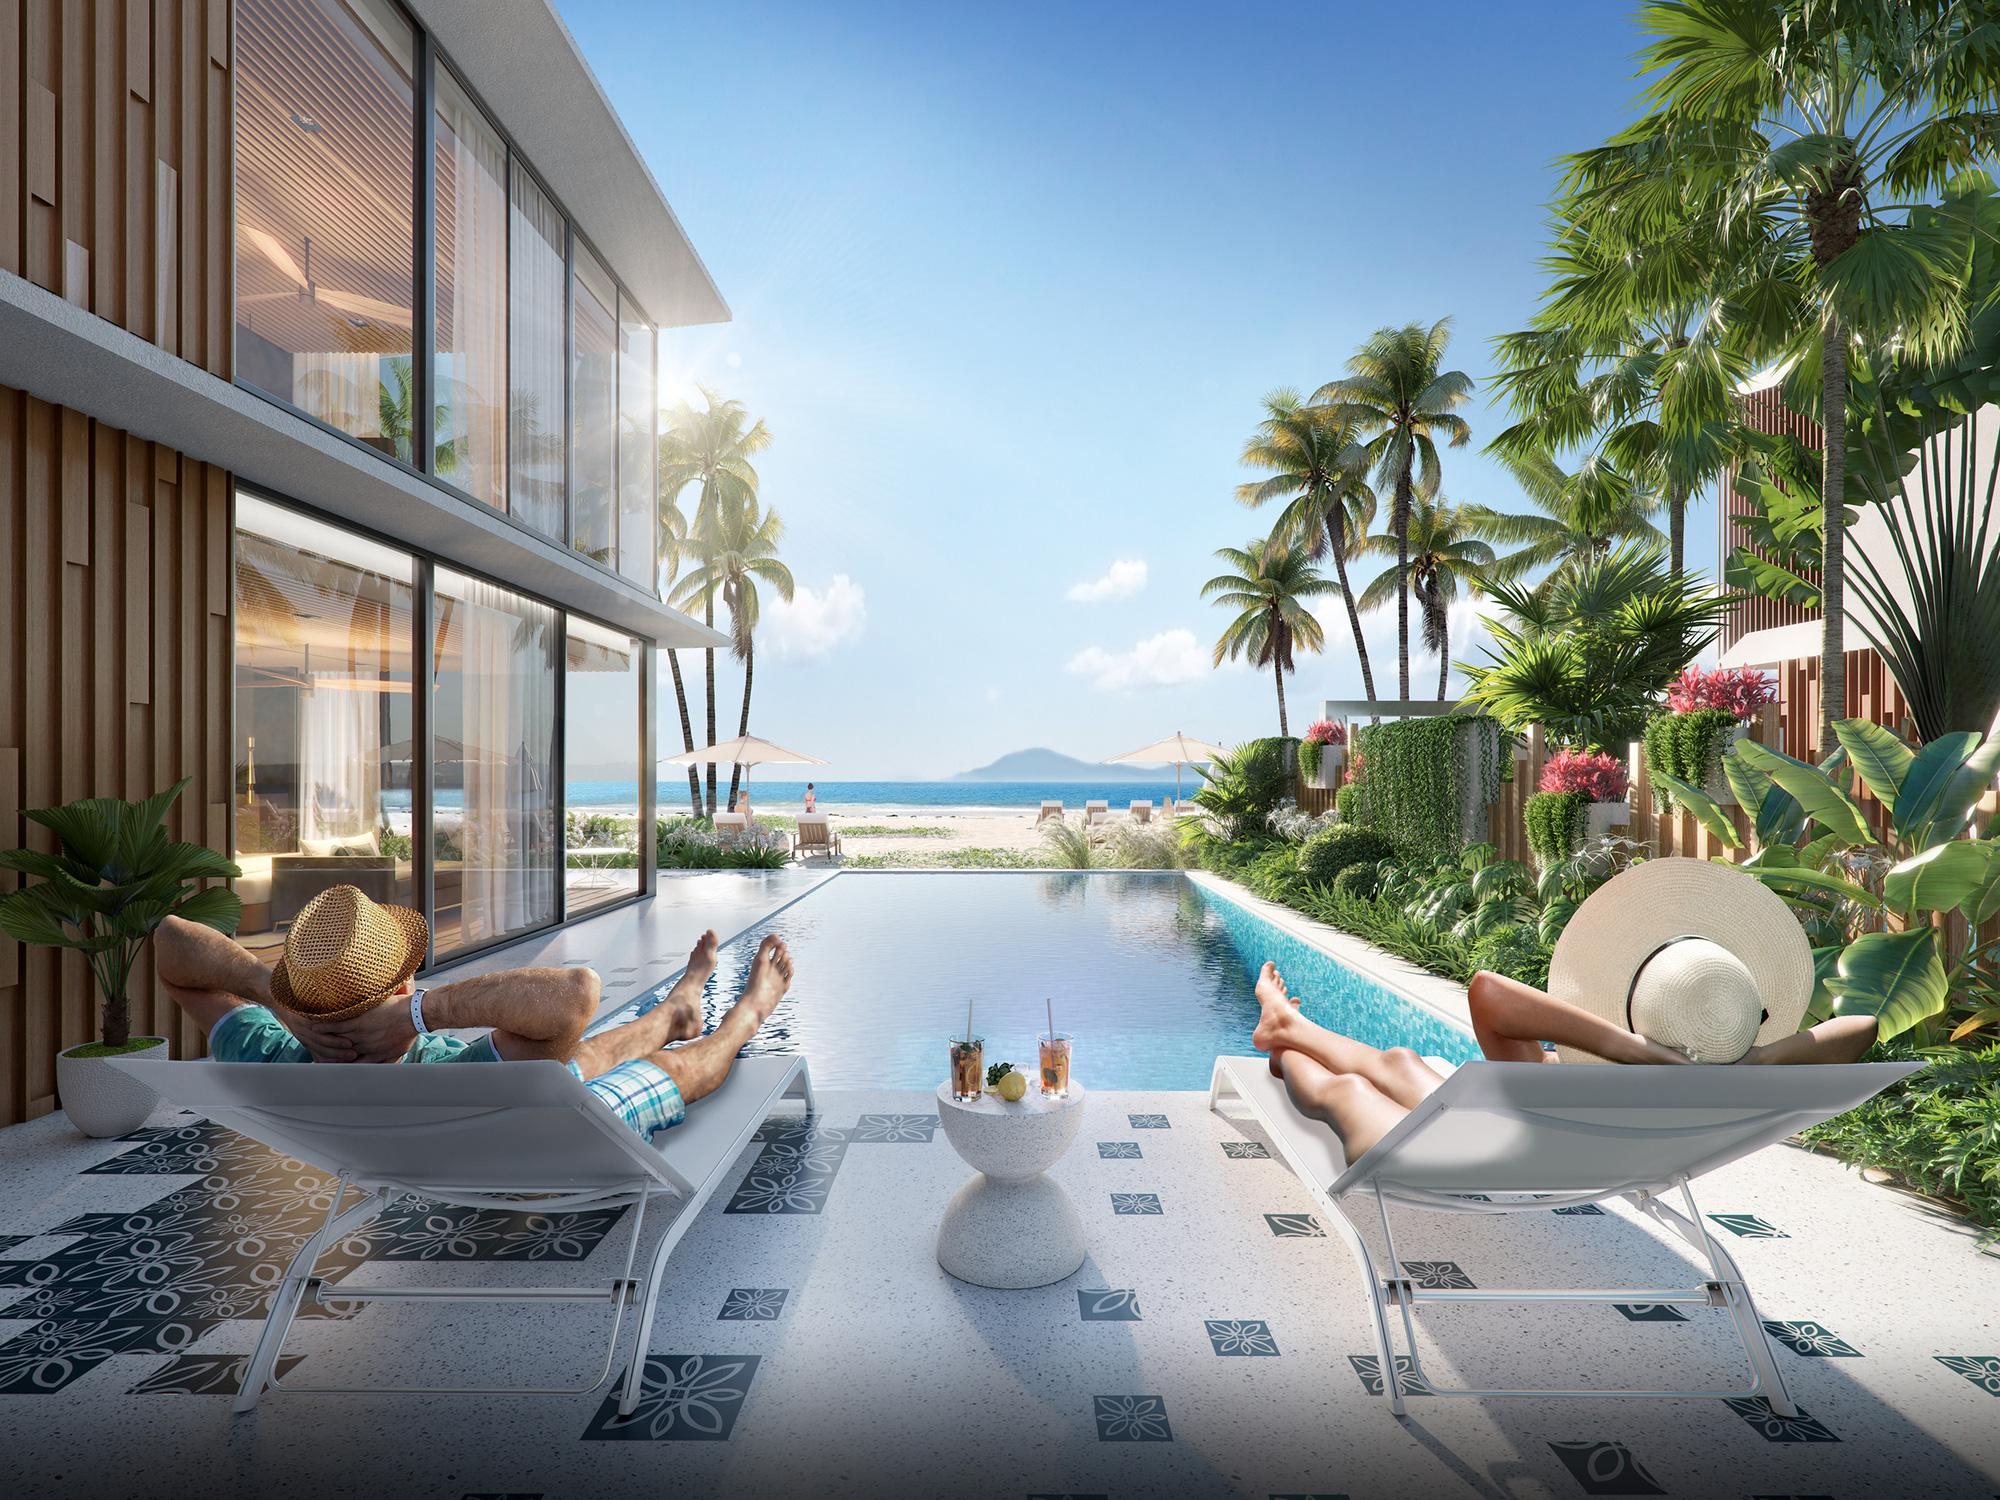 BĐS ven Hội An thắng thế nhờ dòng sản phẩm mới Shantira Beach Resort & Spa - Ảnh 14.